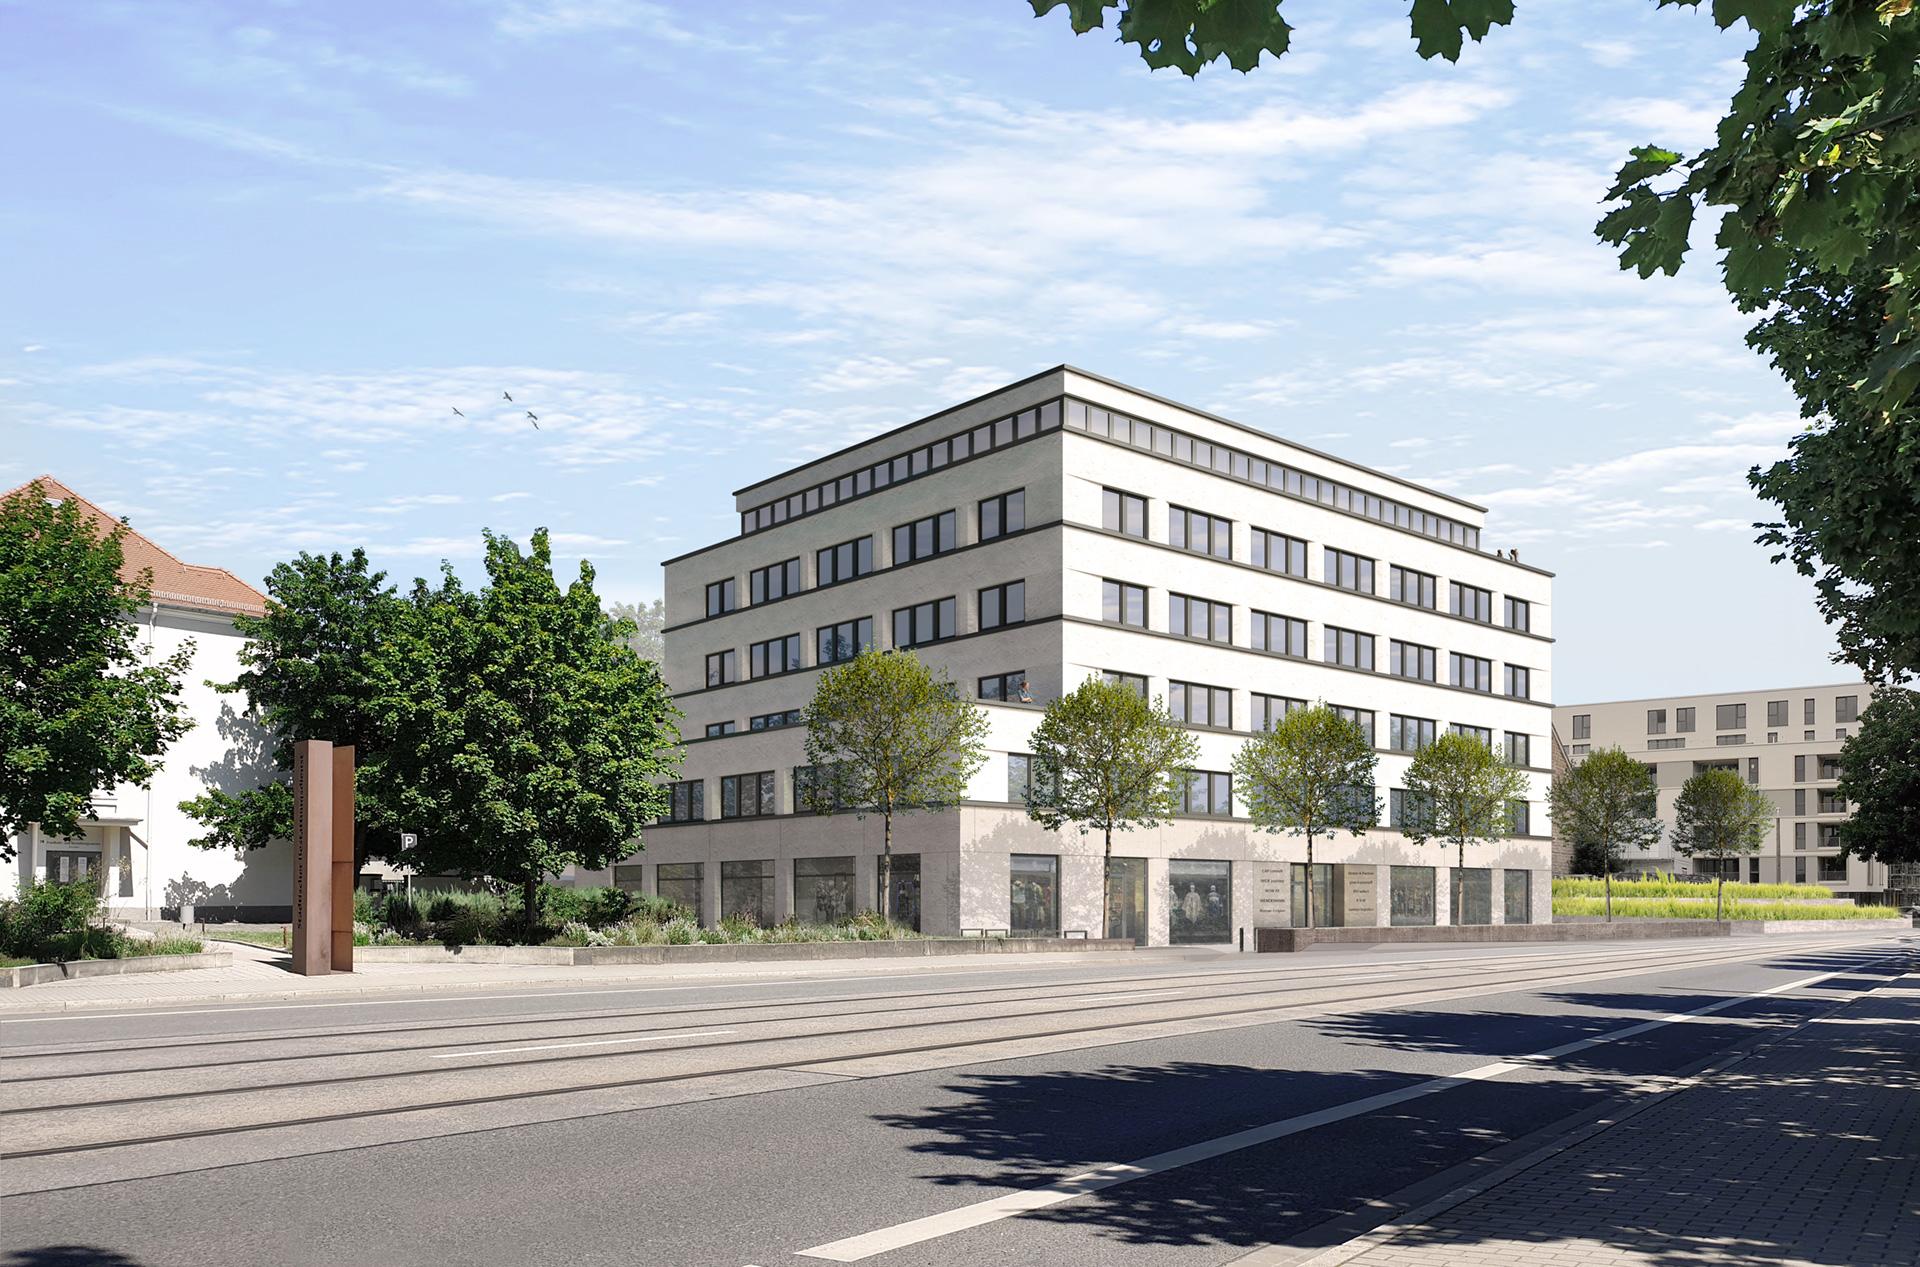 Löbtauer 66 Gesundheitszentrum Dresden